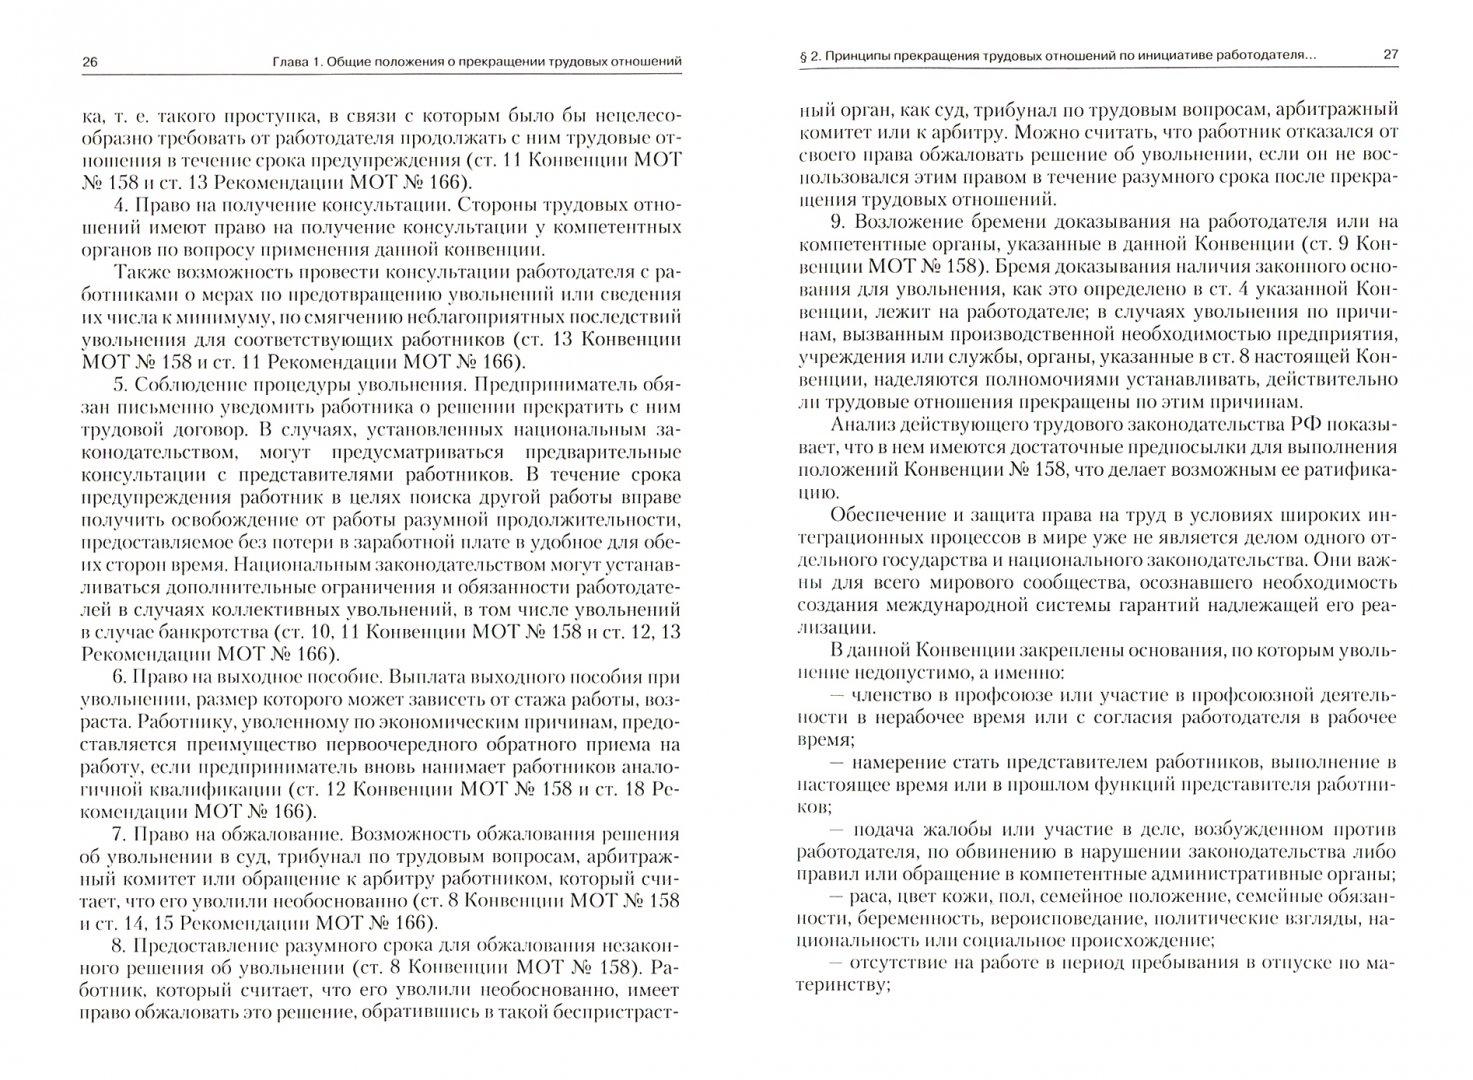 Иллюстрация 1 из 12 для Прекращение труд. договора по инициативе работодателя по основаниям, не связанным с виной работника - Галина Агафонова   Лабиринт - книги. Источник: Лабиринт